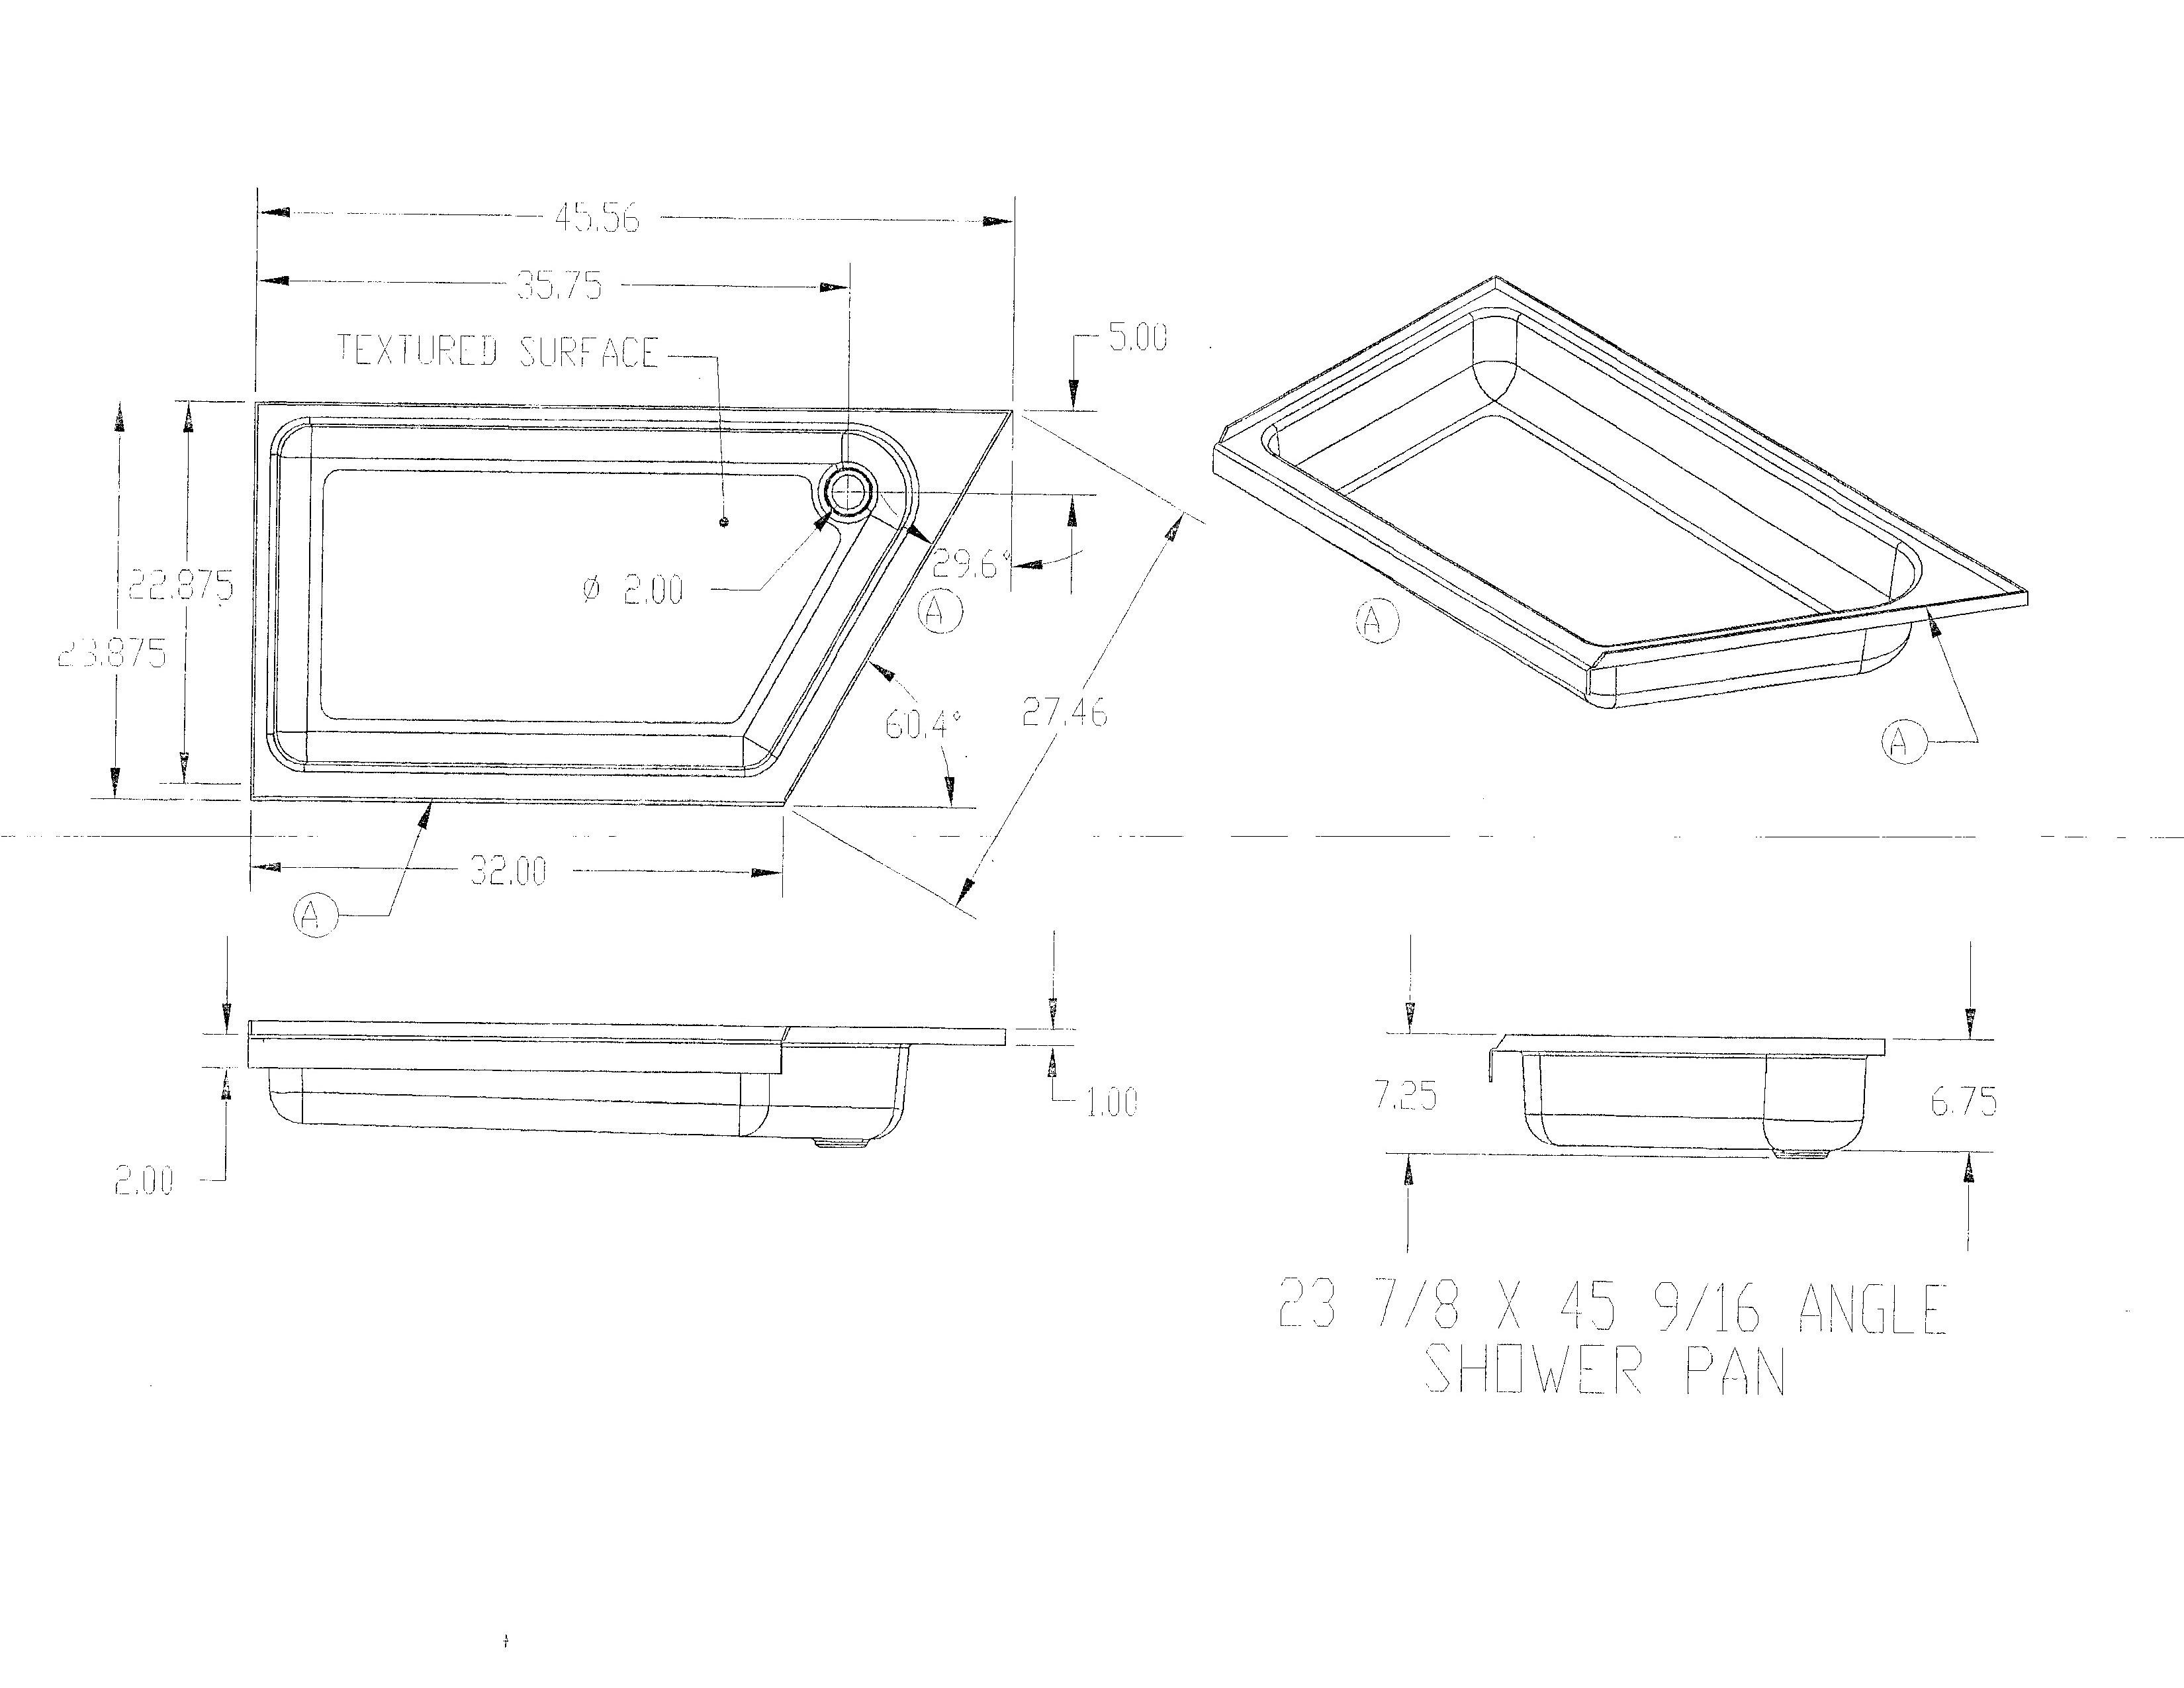 23 7 8 X 45 9 16 Slant Angle Shower Pan